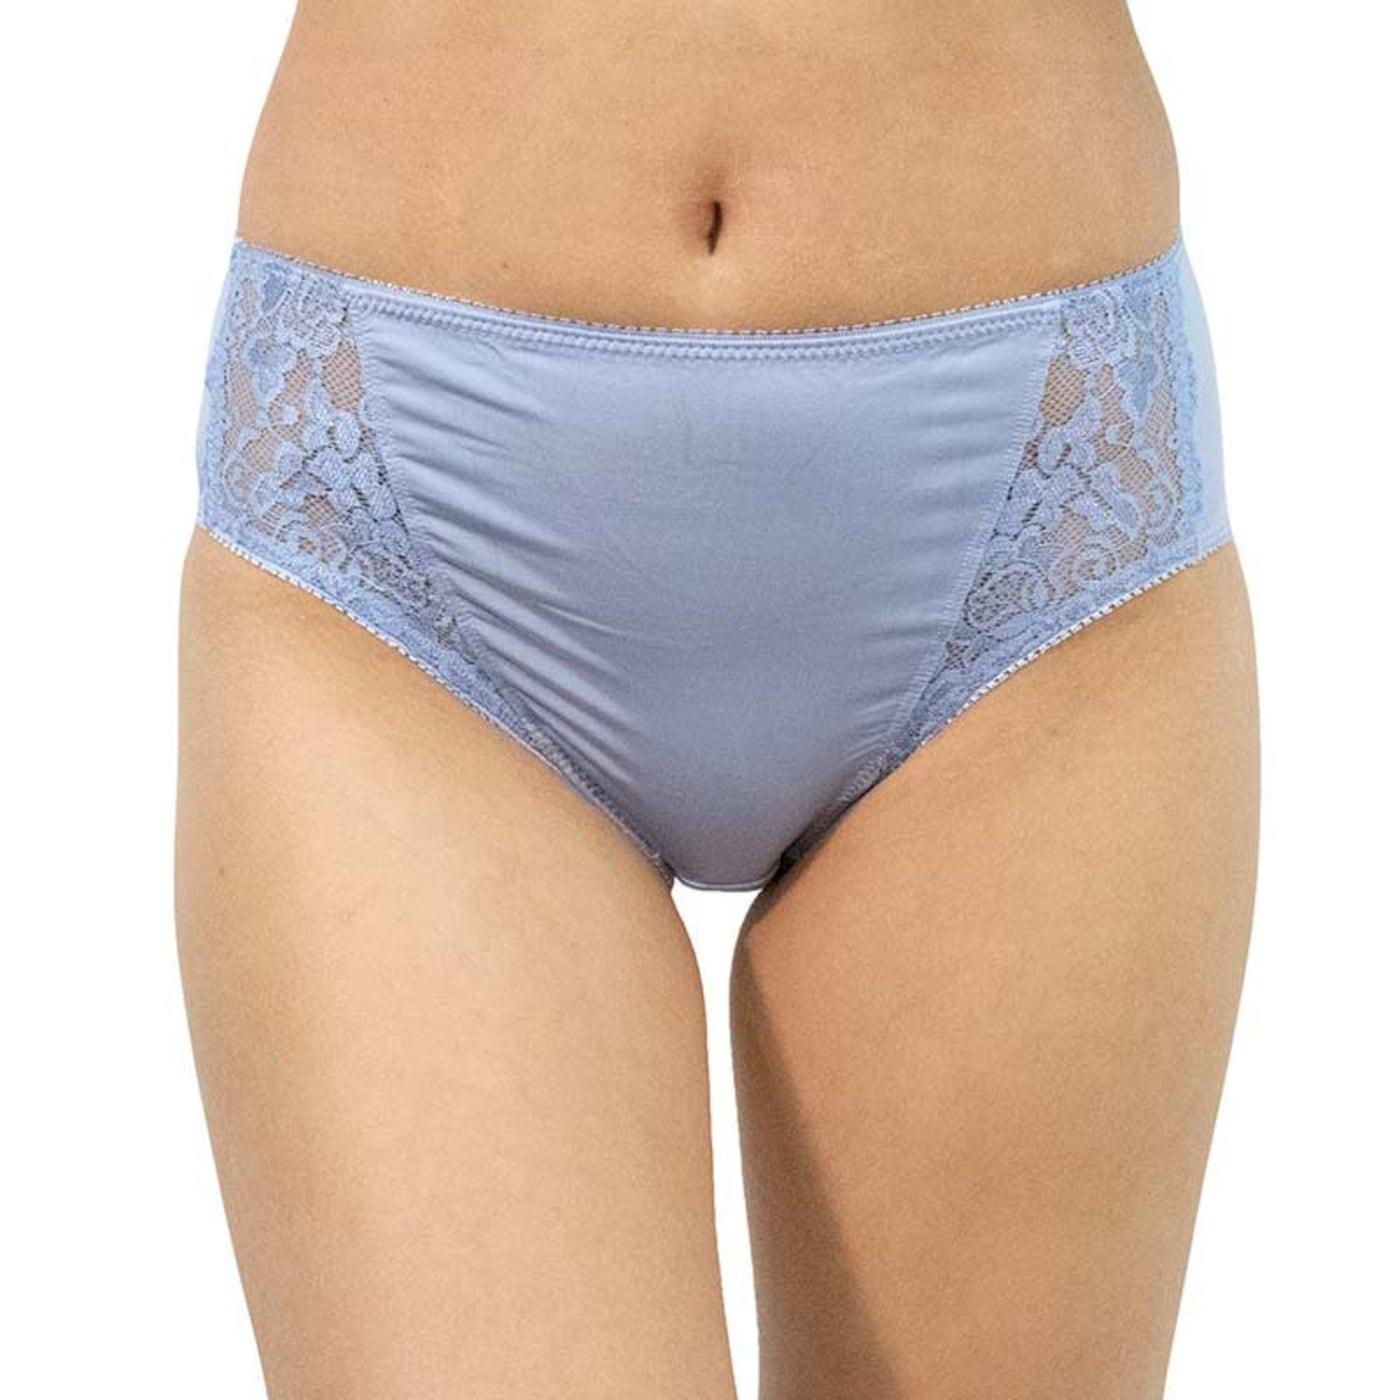 Women's panties Gina blue with lace  dámské Neurčeno S